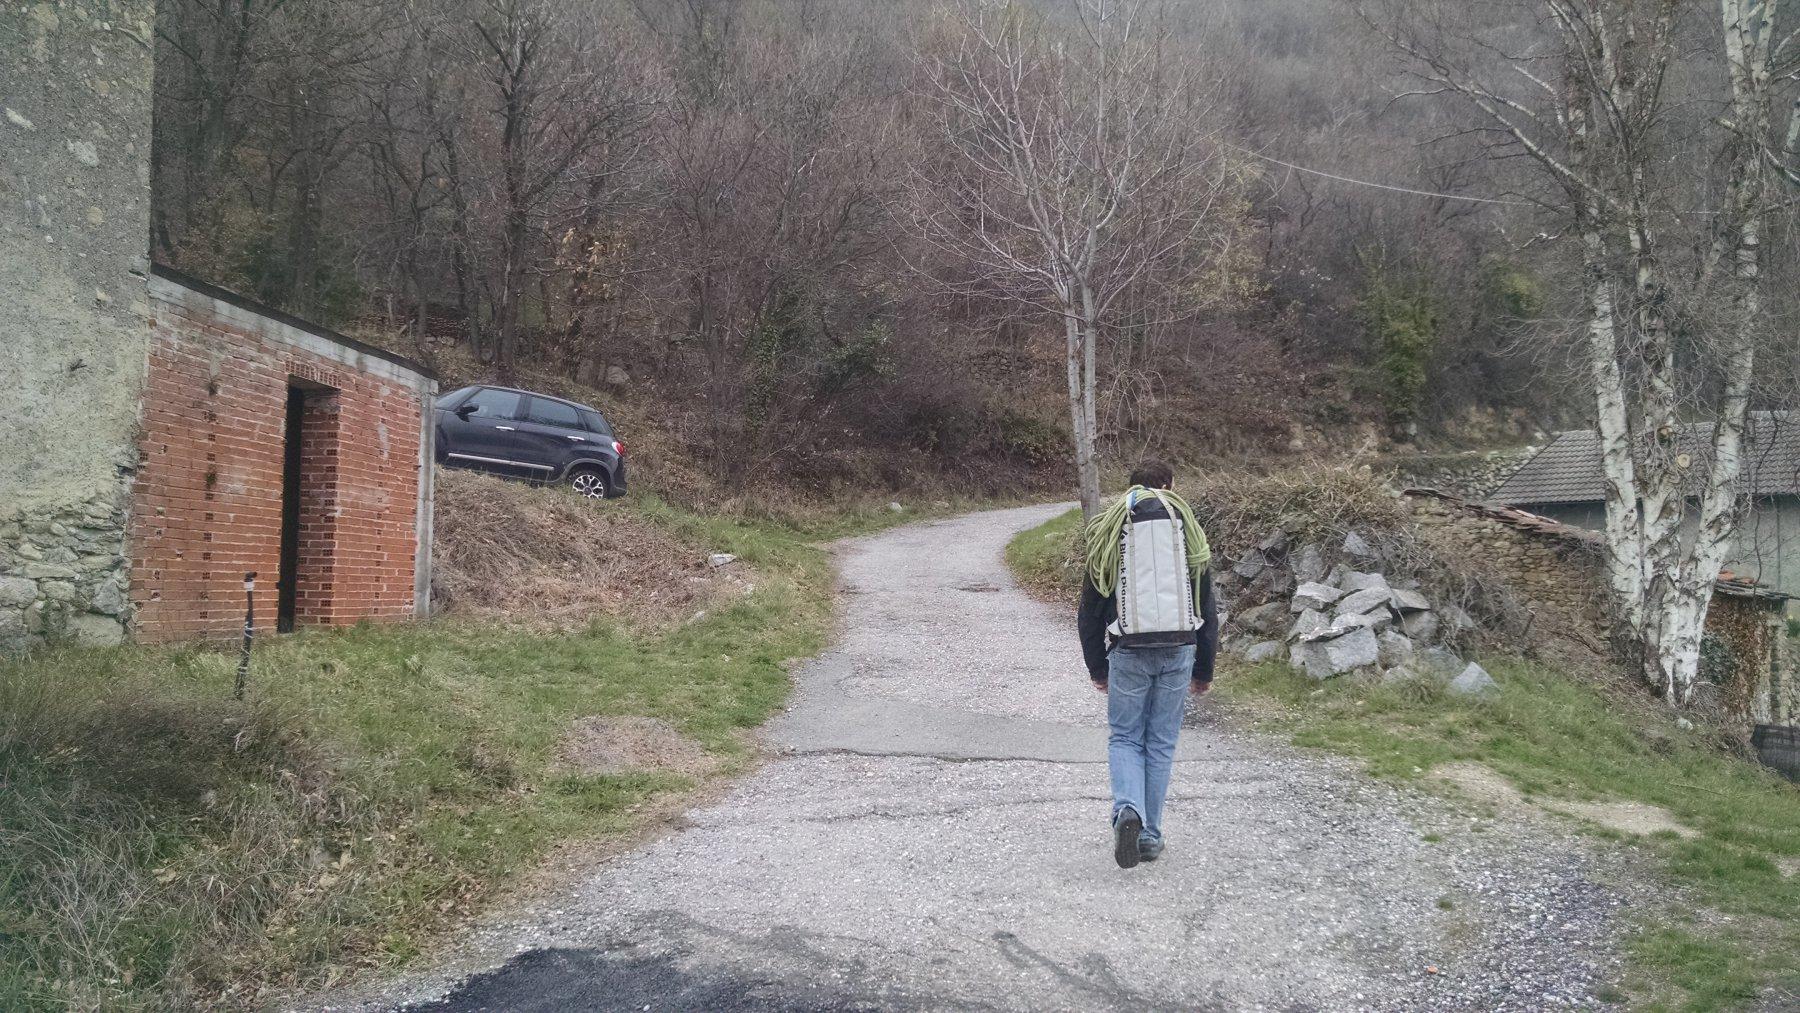 possibile parcheggio pochi metri dopo l'imbocco del sentiero